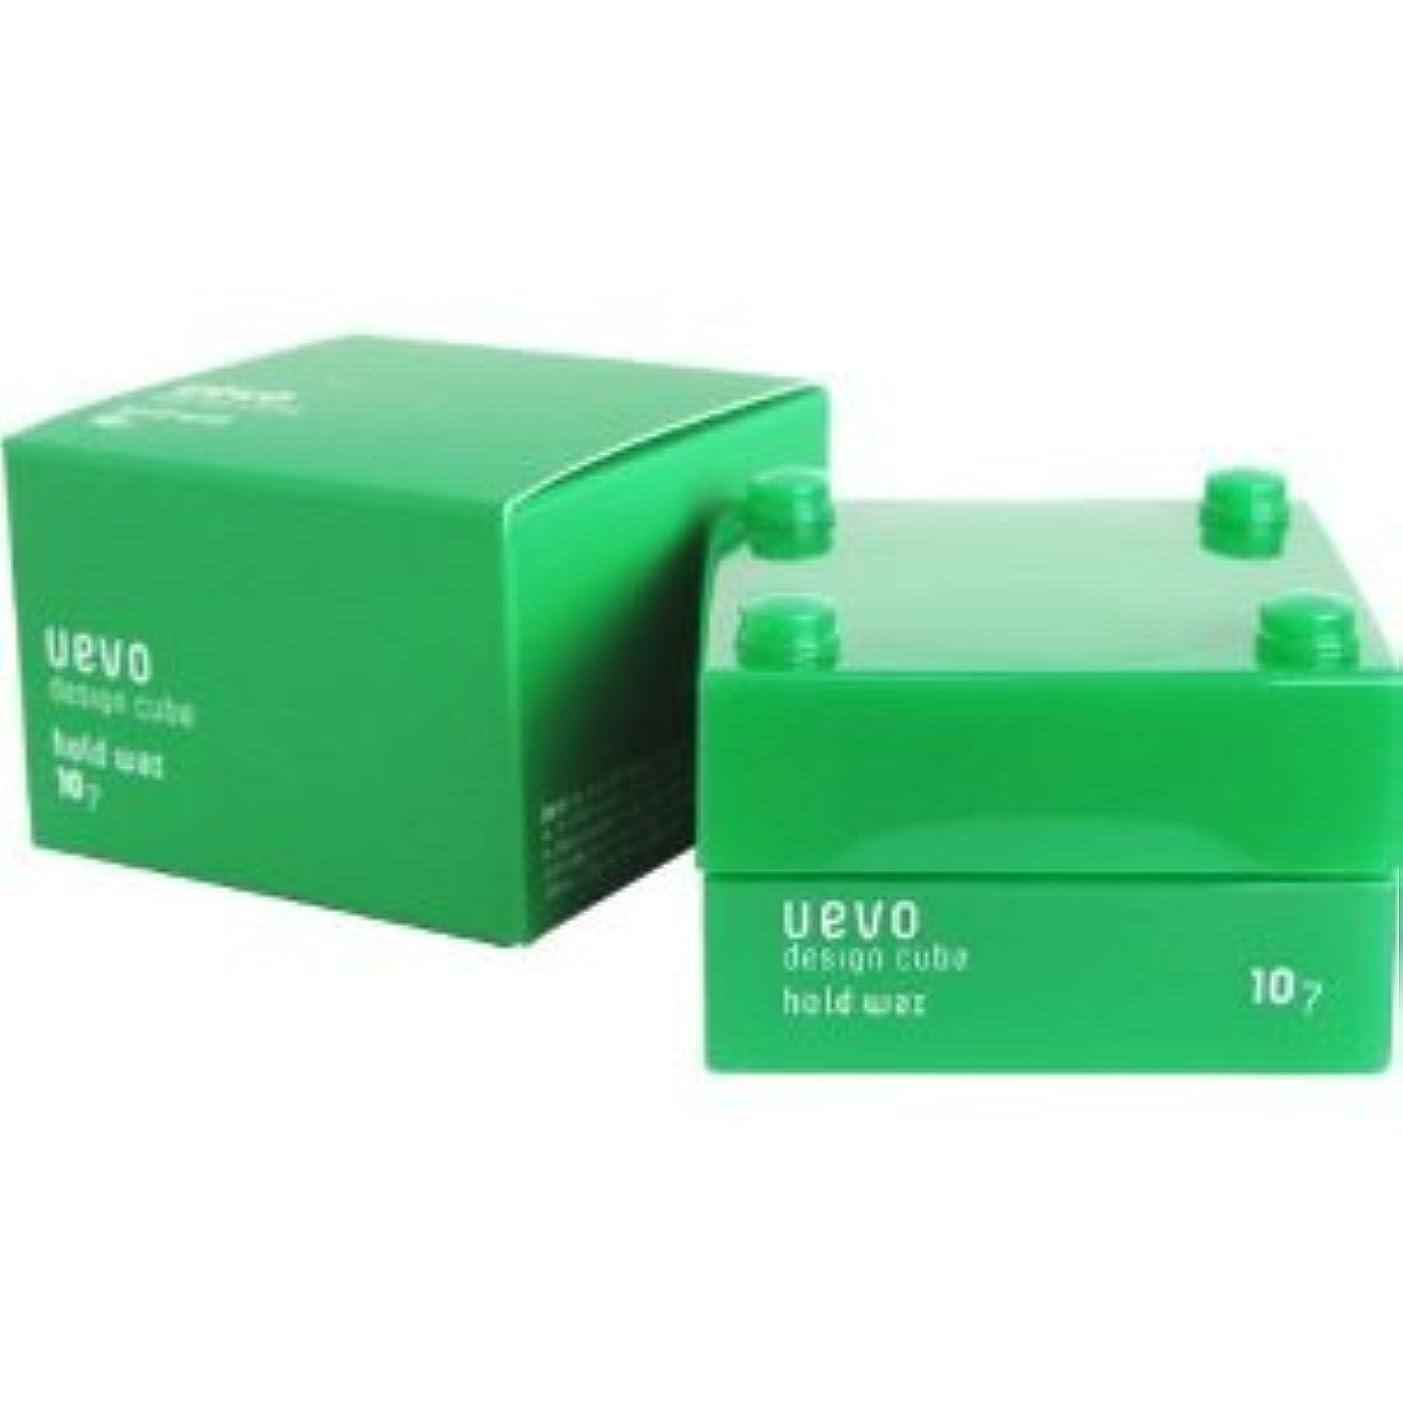 レイ信頼性のあるブルーベル【X3個セット】 デミ ウェーボ デザインキューブ ホールドワックス 30g hold wax DEMI uevo design cube